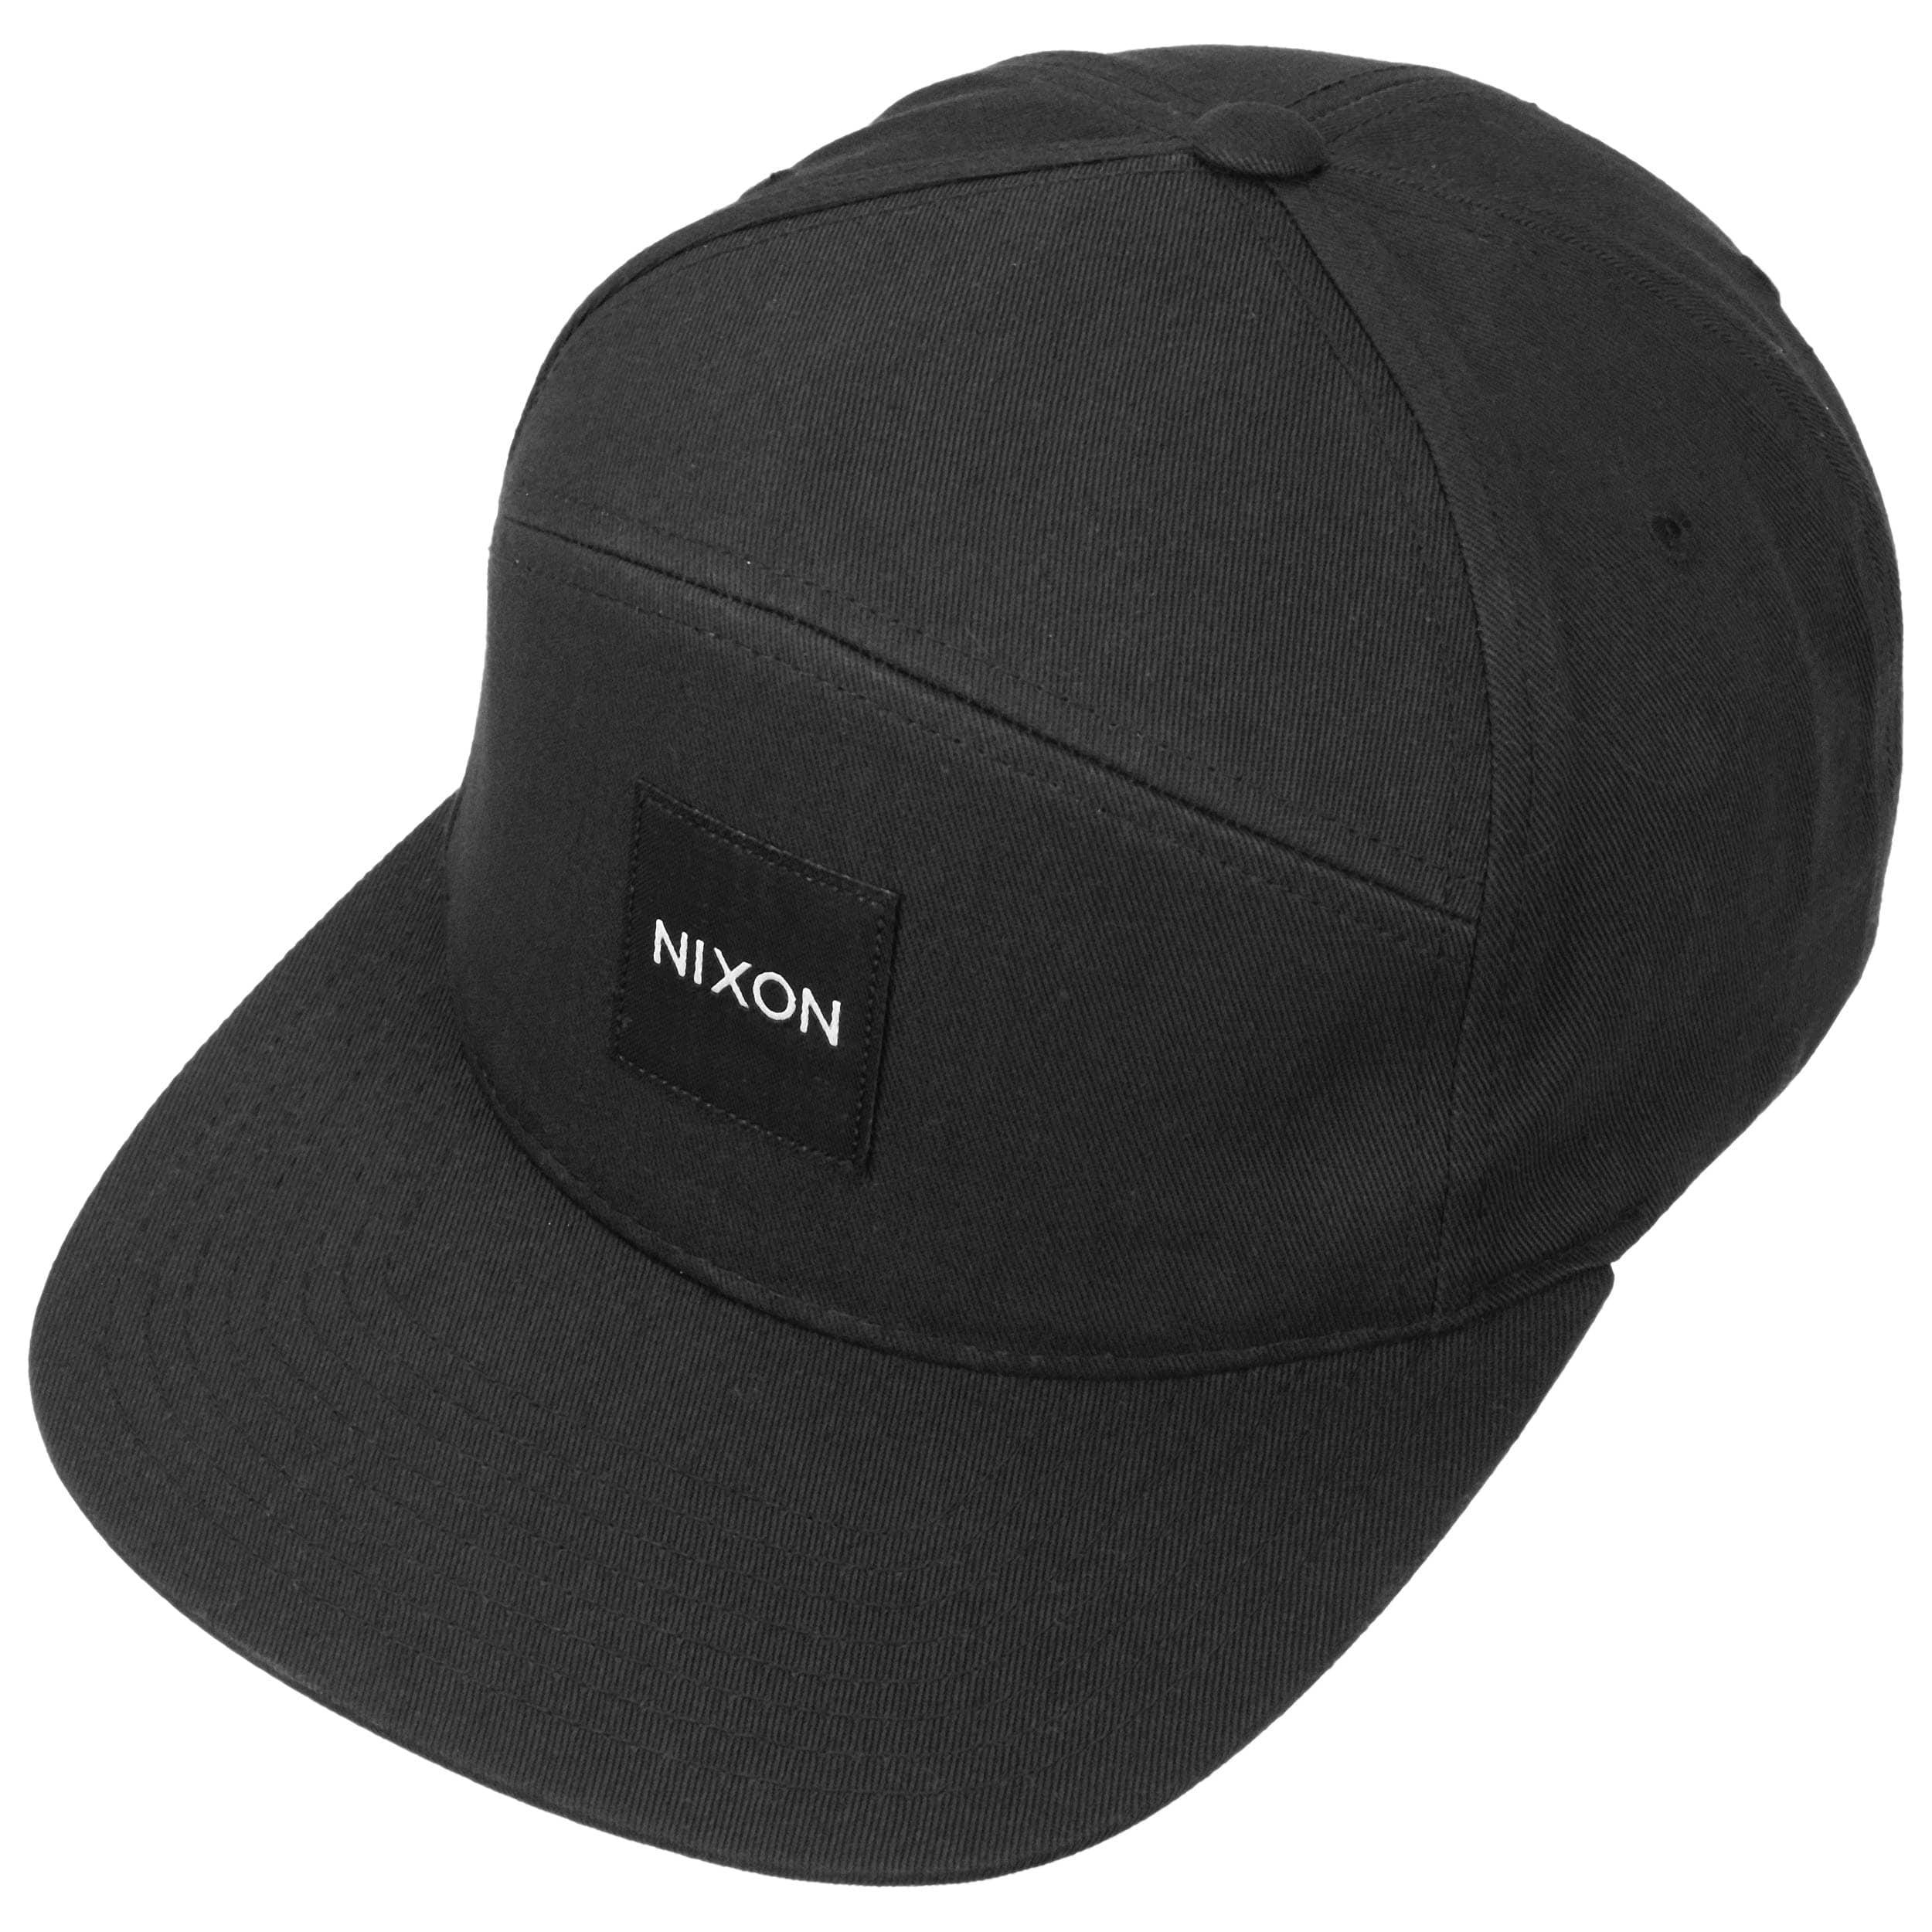 4d9dbd5748c Snapper Snapback Cap by Nixon - black 1 ...